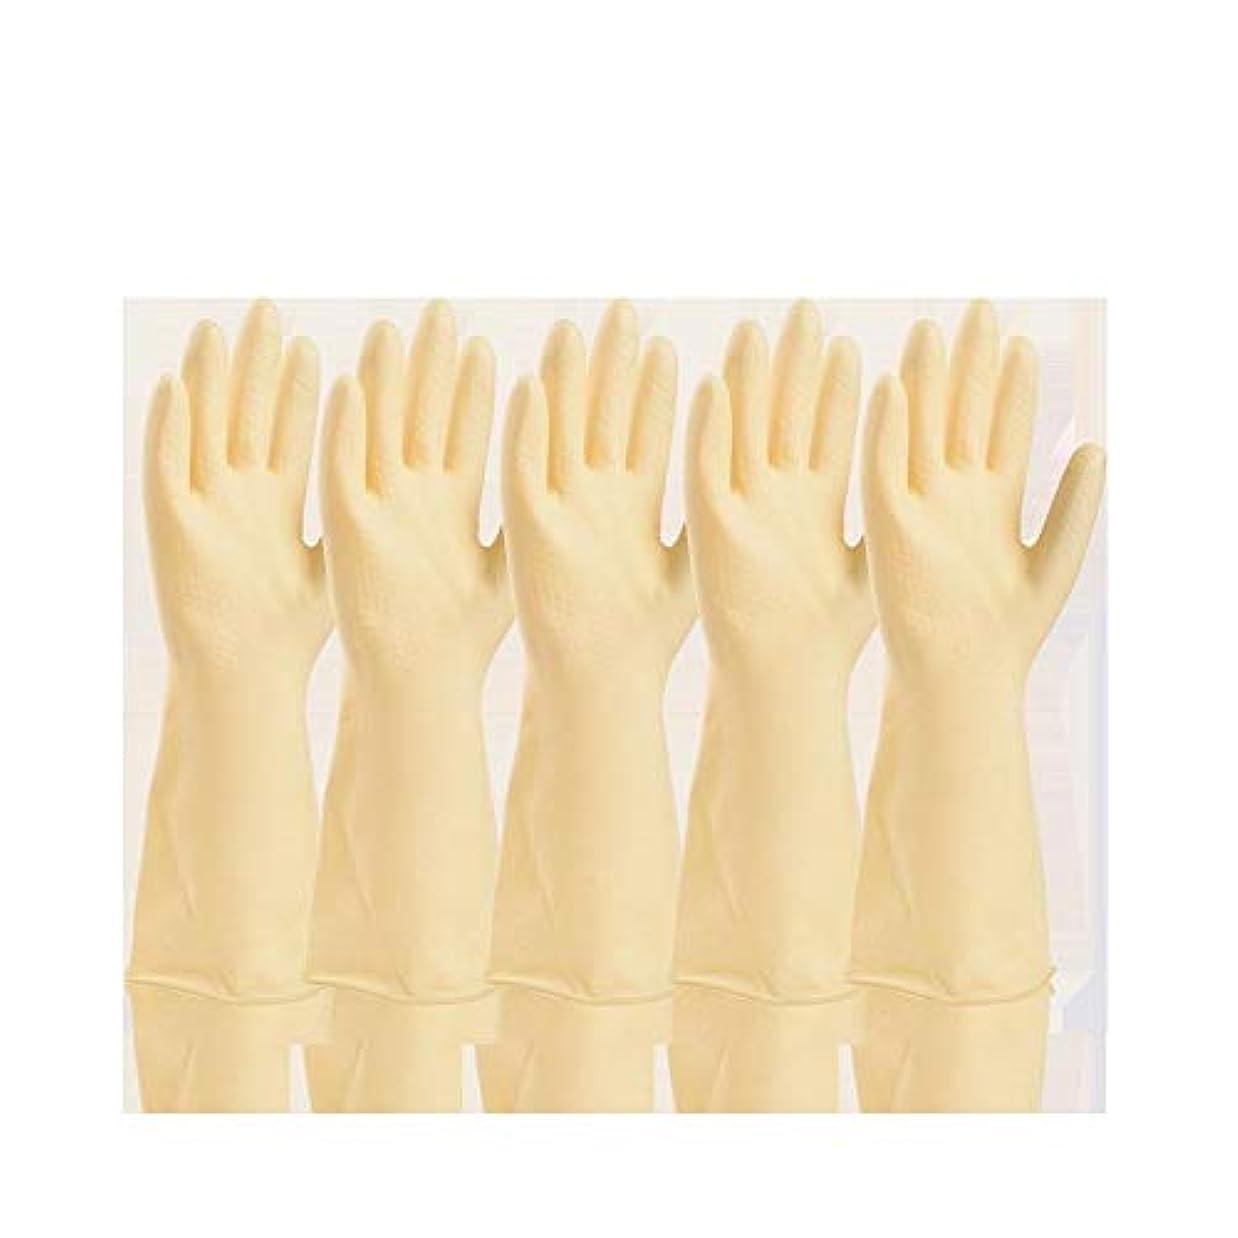 投票うぬぼれ遠えニトリルゴム手袋 工業用手袋厚手のプラスチック製保護用耐水性防水ラテックス手袋、5ペア 使い捨て手袋 (Color : White, Size : L)